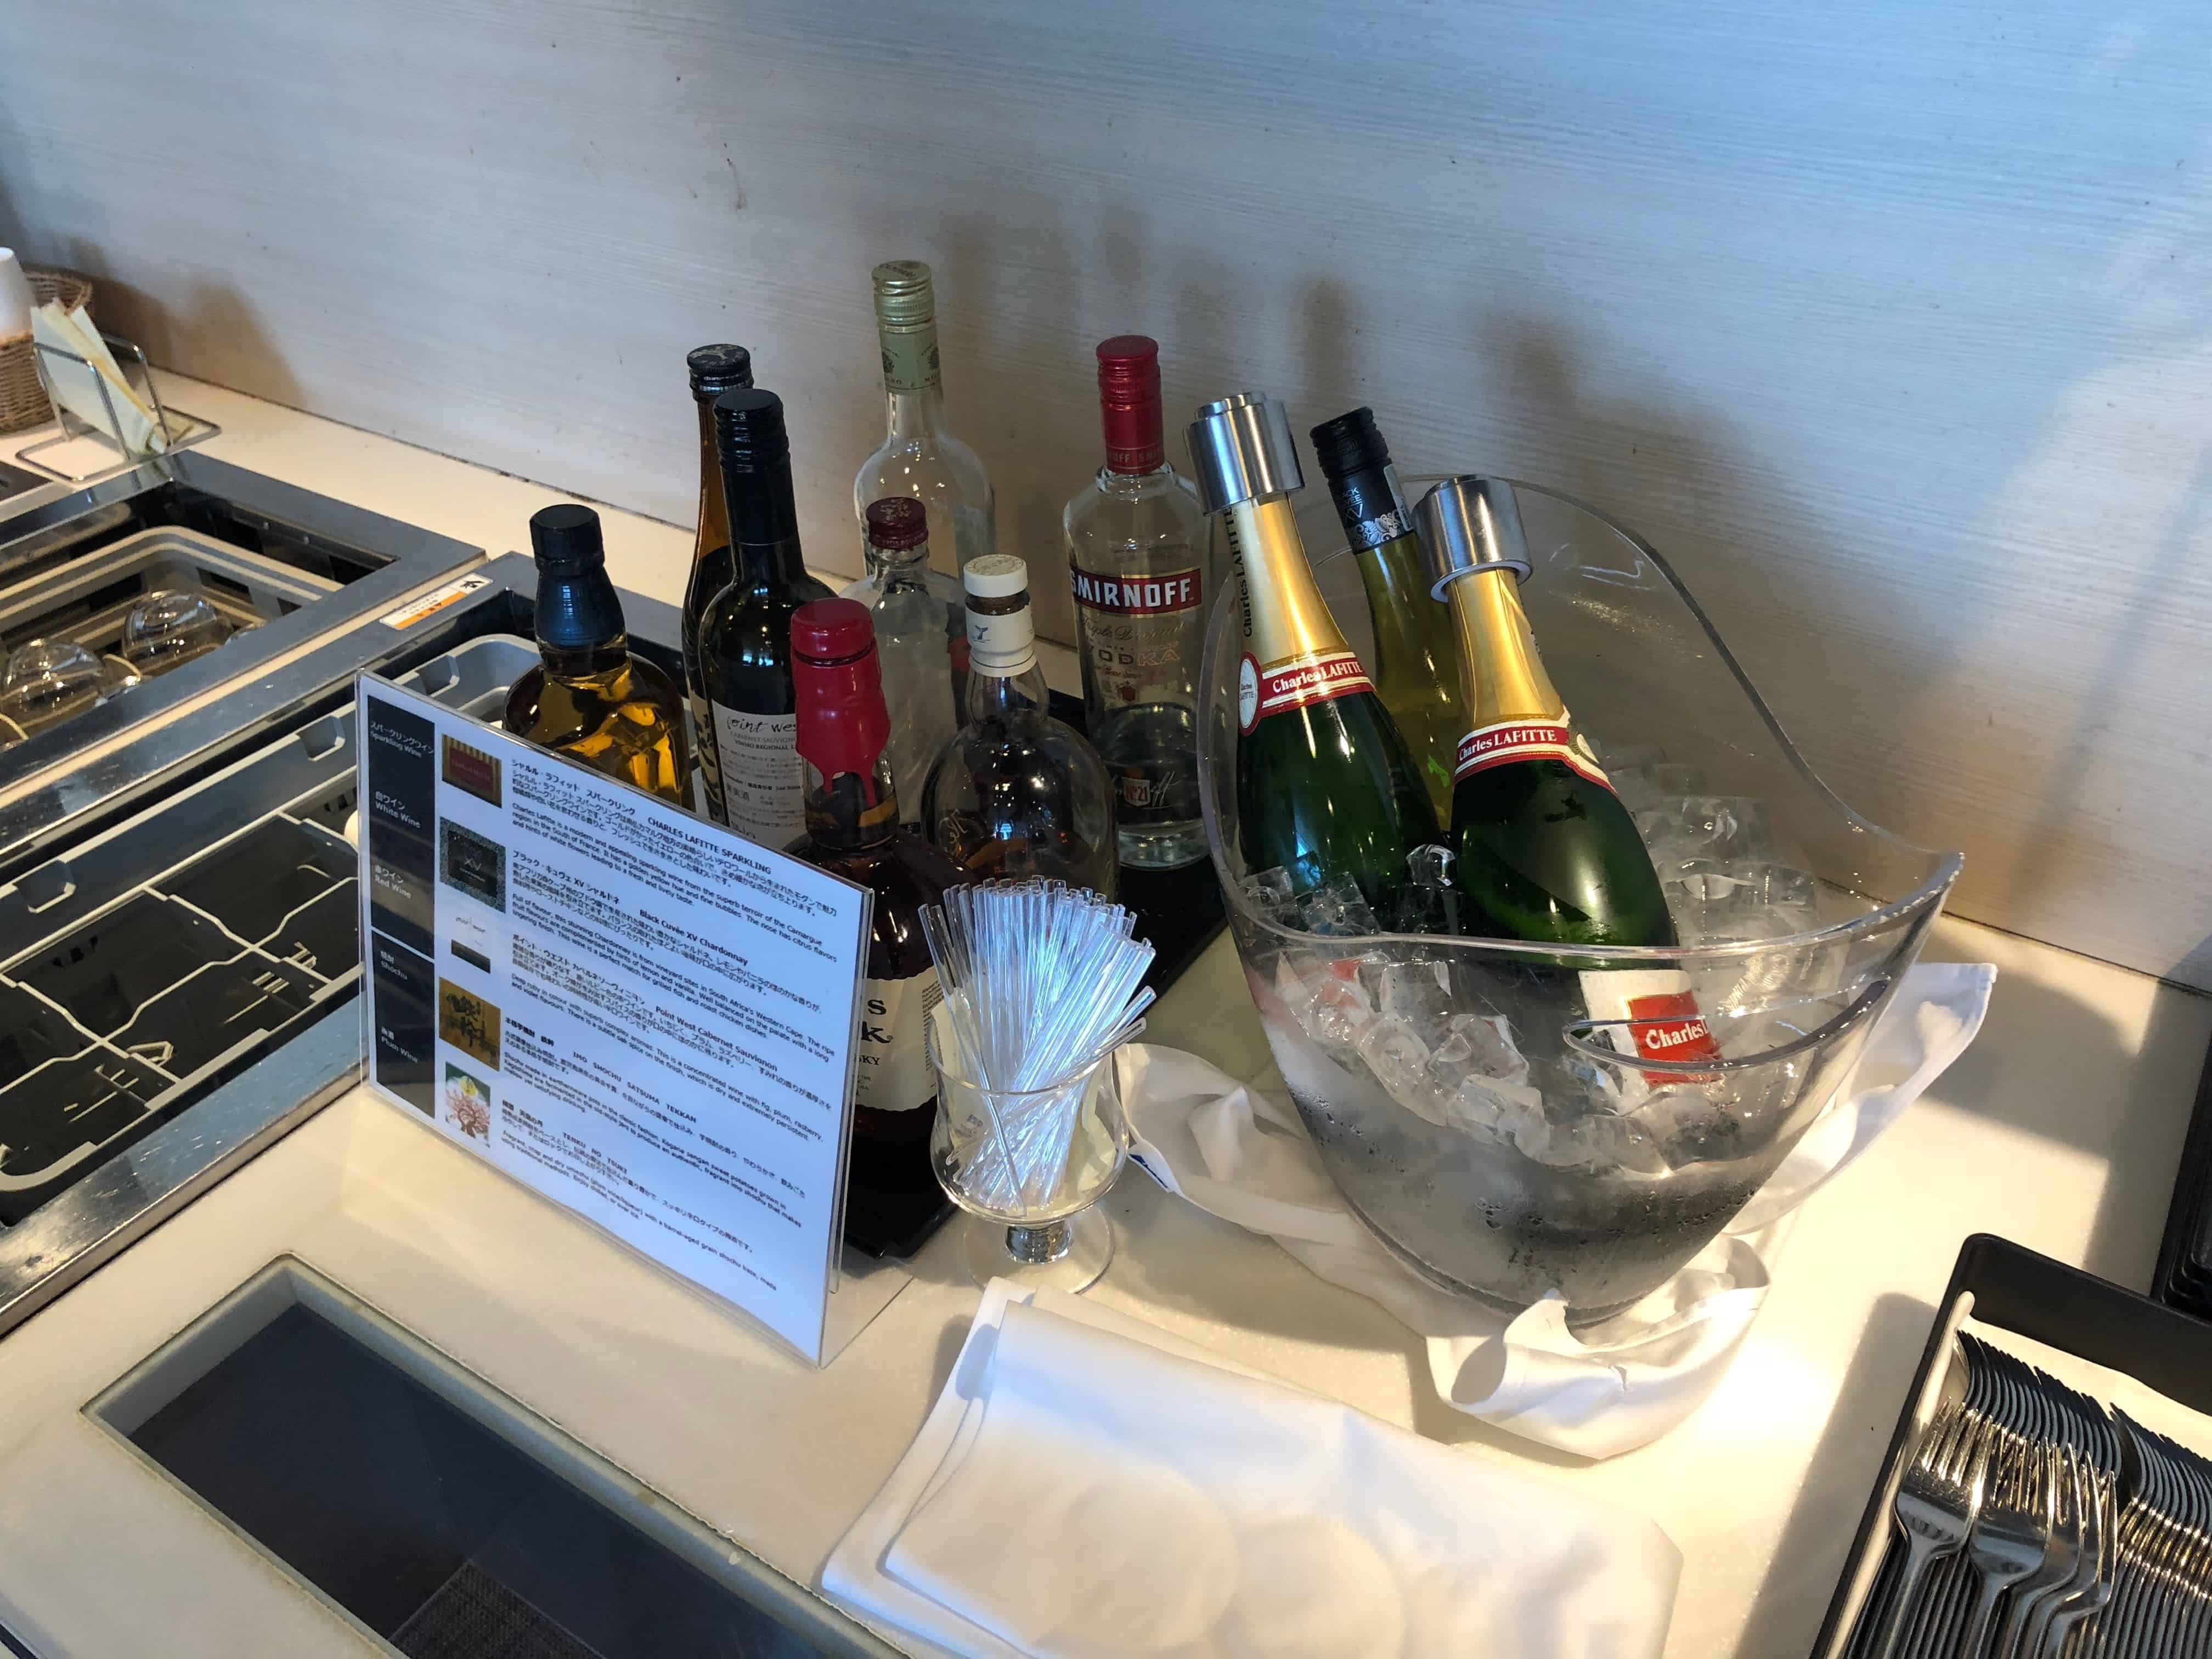 ANA Economy Bewertung Lounge Alkoholika